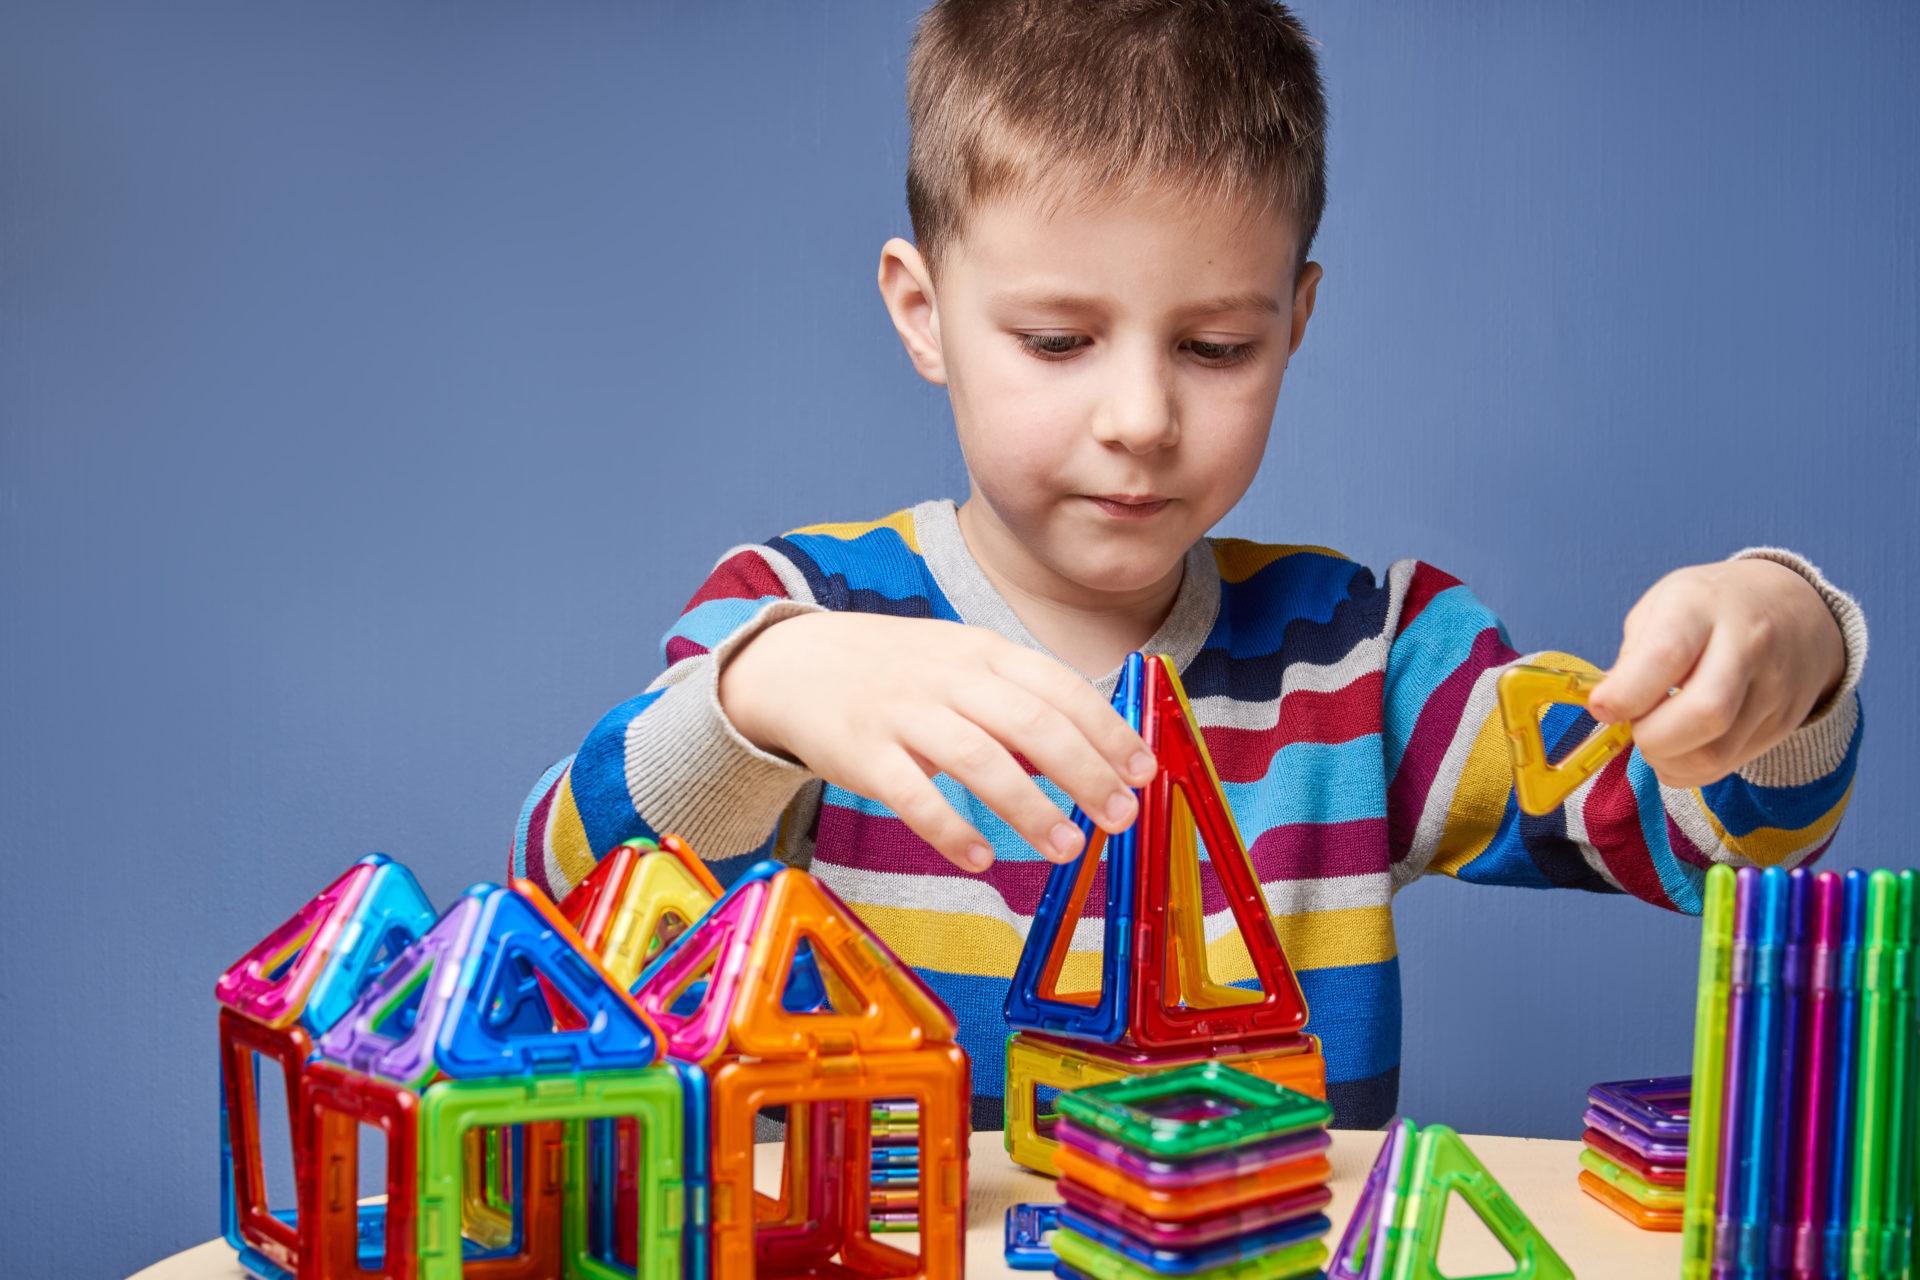 Idées Cadeau Anniversaire Garçon De 6 Ans, 7 Ans, 8 Ans, 9 intérieur Tout Les Jeux De Fille Et De Garcon